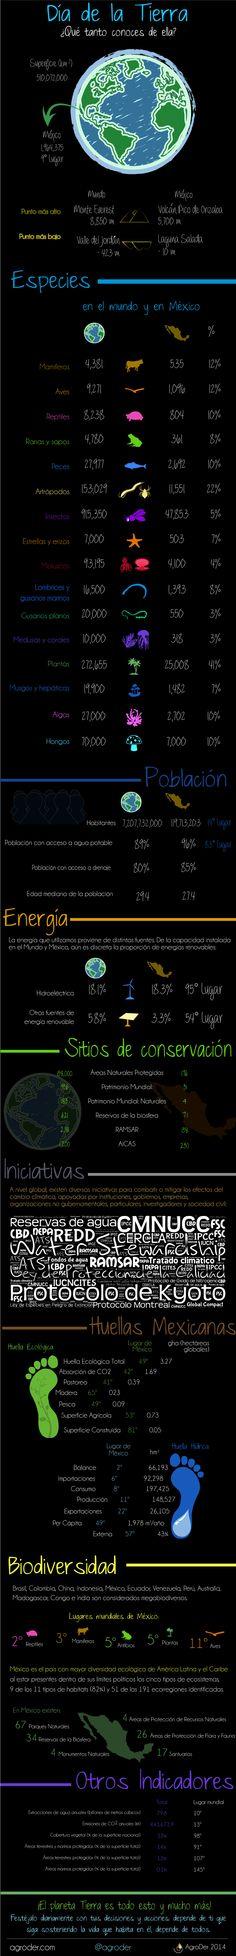 Infografía: Día de la Tierra: Hoy celebramos que nos da todo lo que necesitamos ¿qué tanto conoces de ella? #DiaDeLaTierra #Infografia #Mexico #naturaleza #areasnaturales